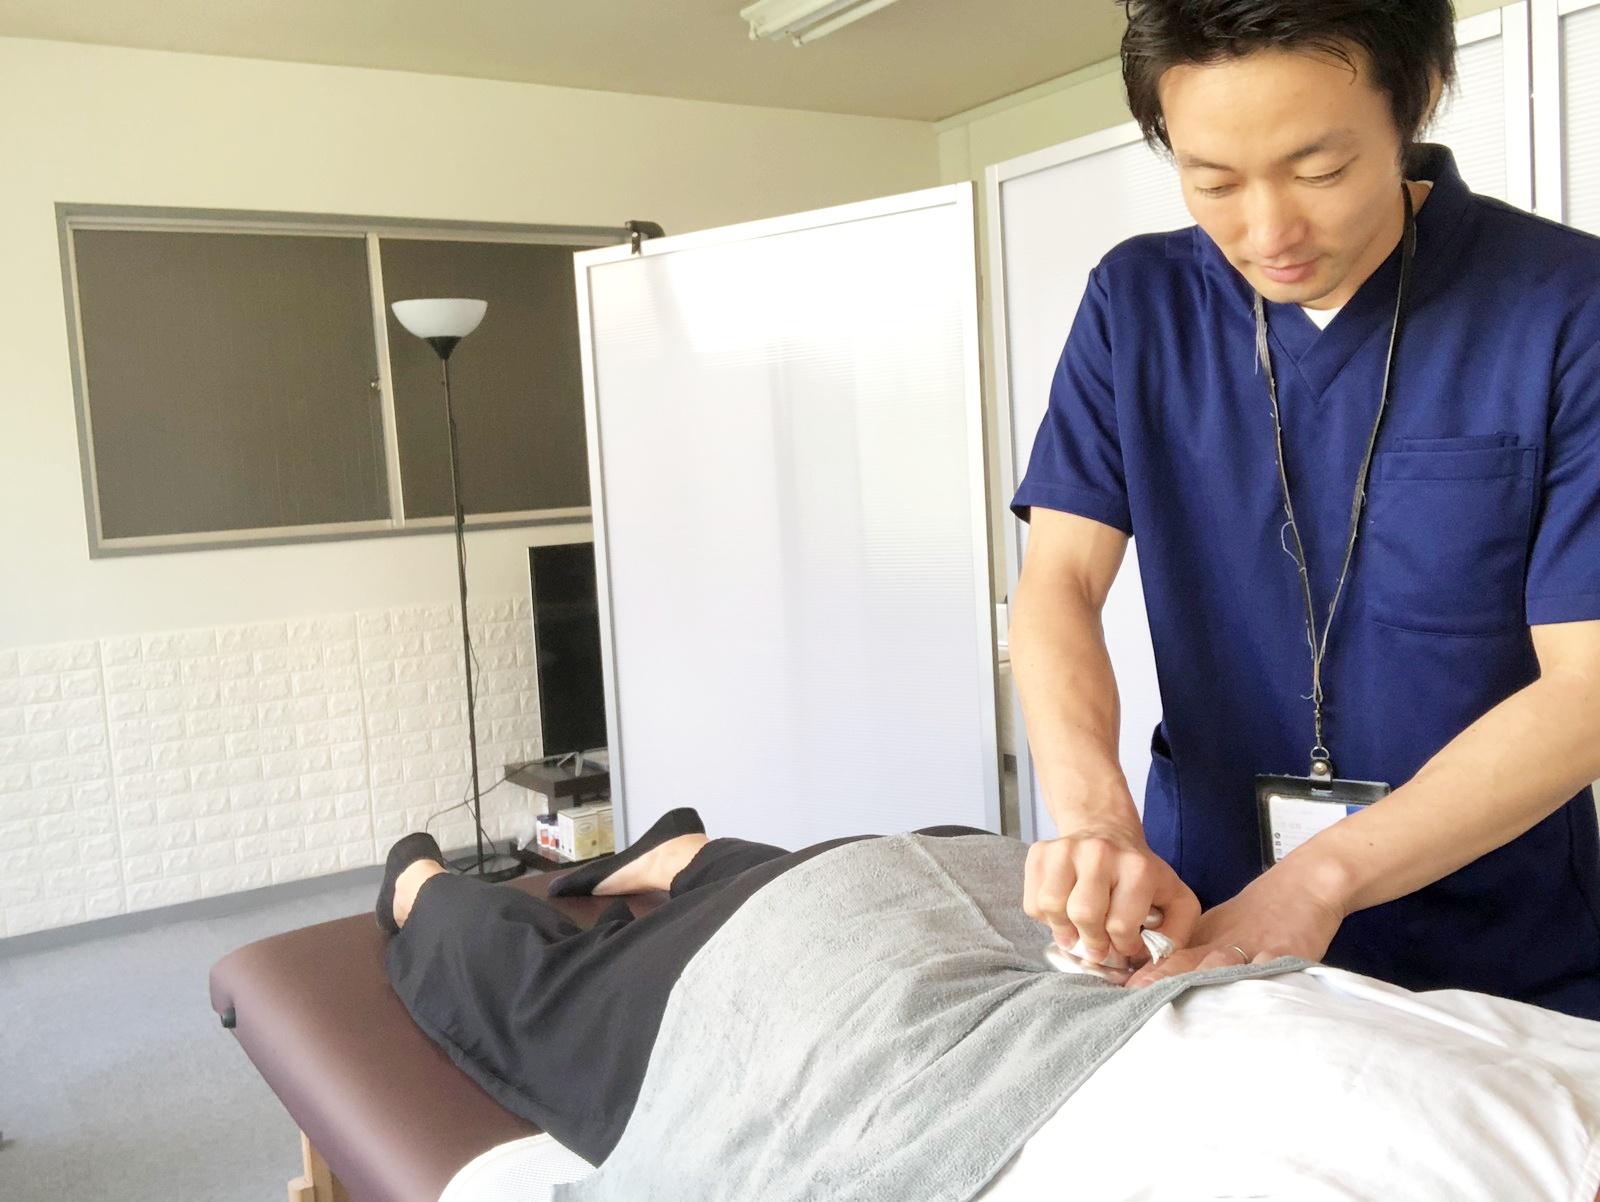 ◆身体の細胞から変化させ、血流を高めることで身体の変化を感じていただくことができる施術